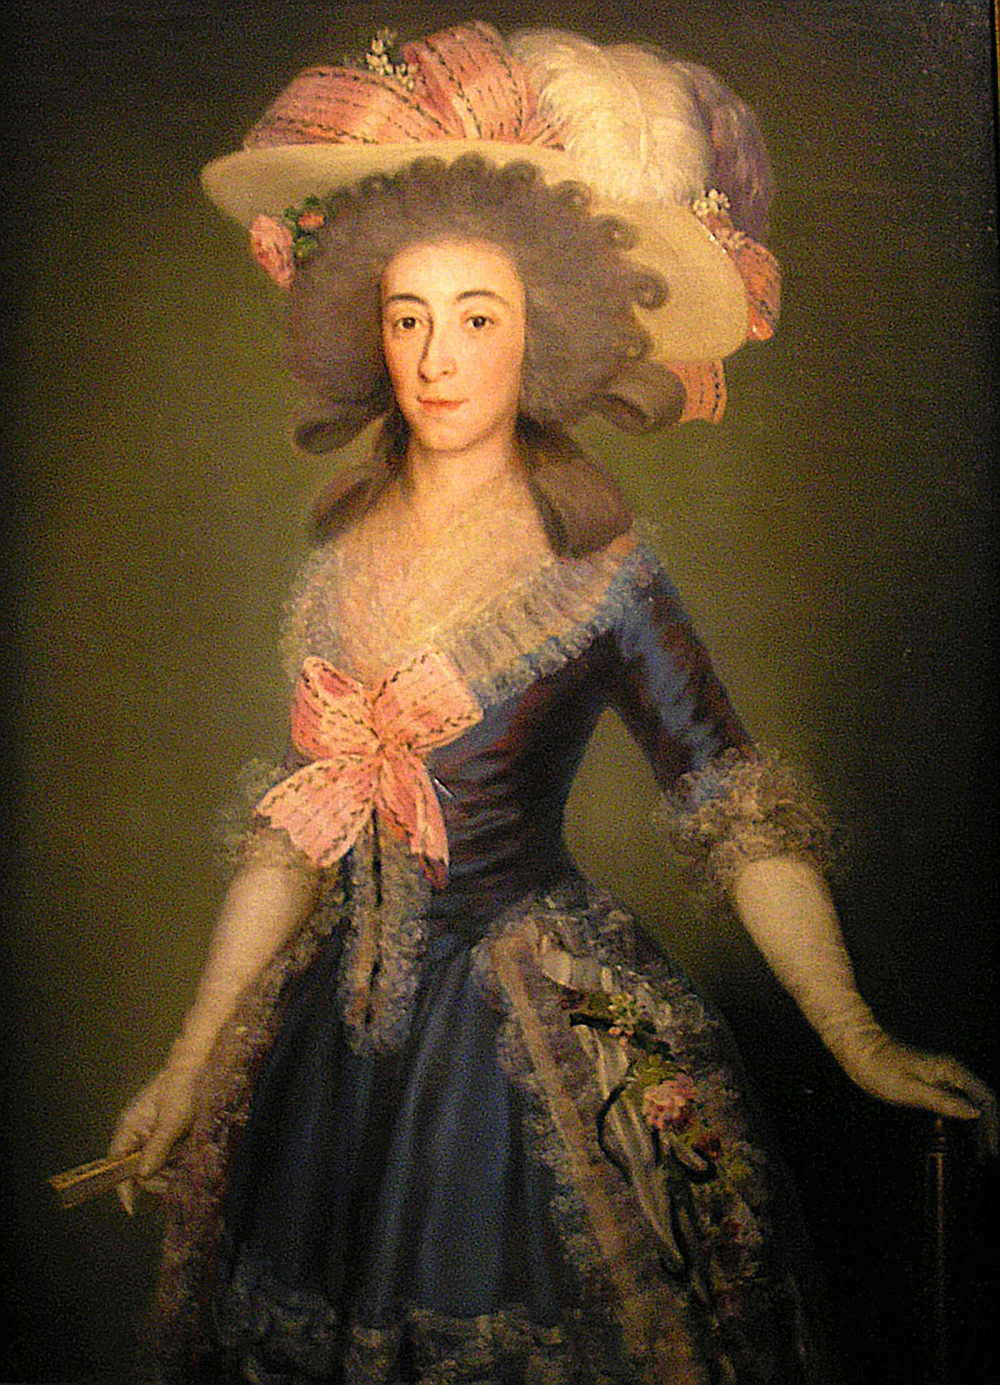 Francisco de Goya. María Josefa de la Soledad, duquesa de Osuna, o La condesa de Benavente. 1785. Colección particular.